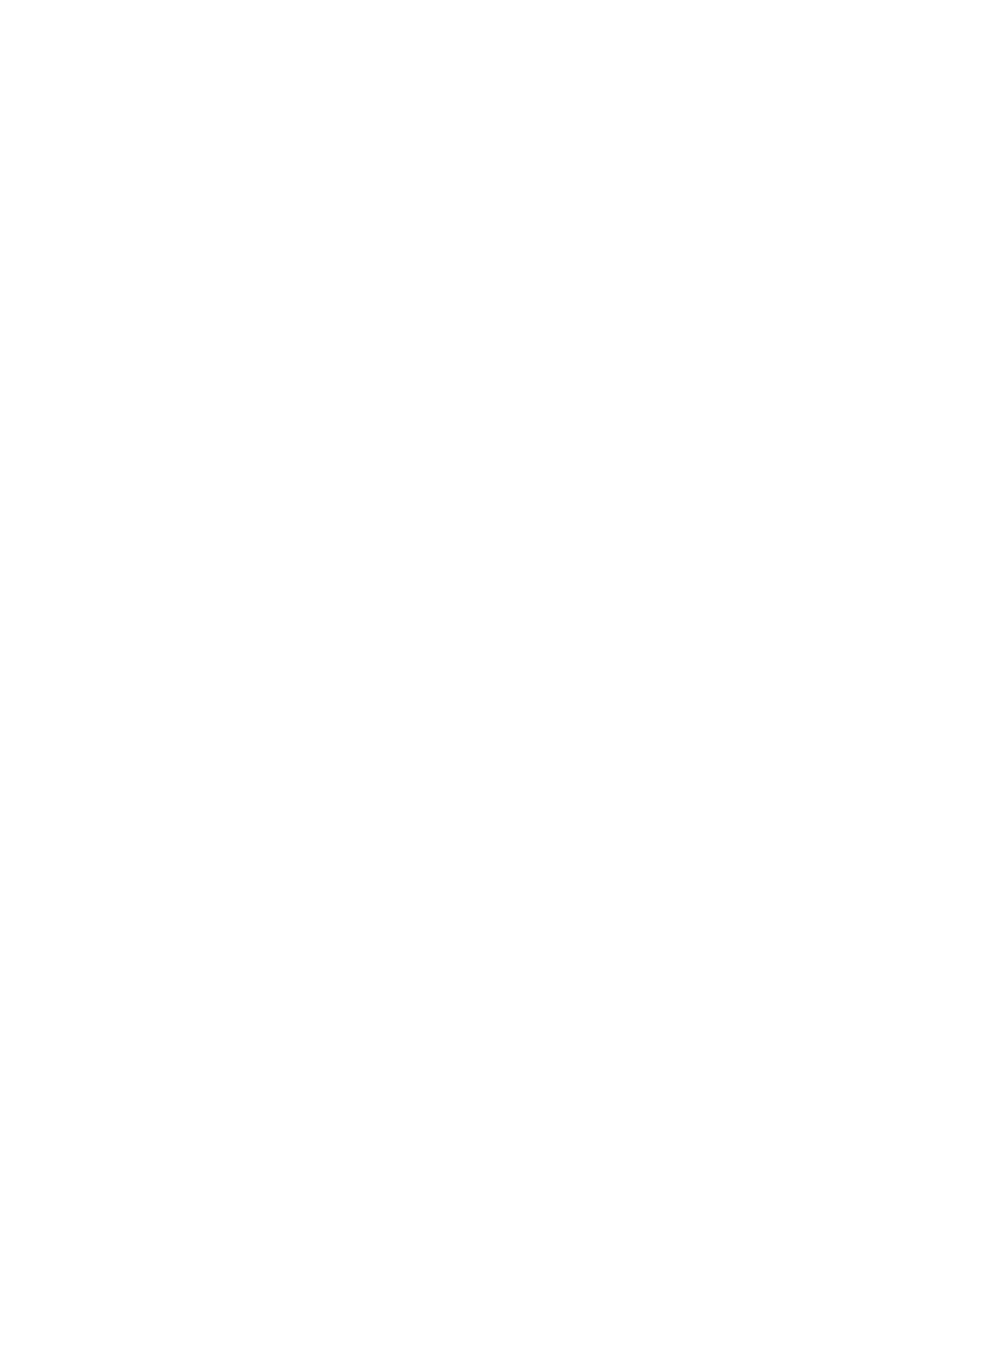 Schön Menschliche Anatomie Bücher Für Kinder Fotos - Physiologie Von ...